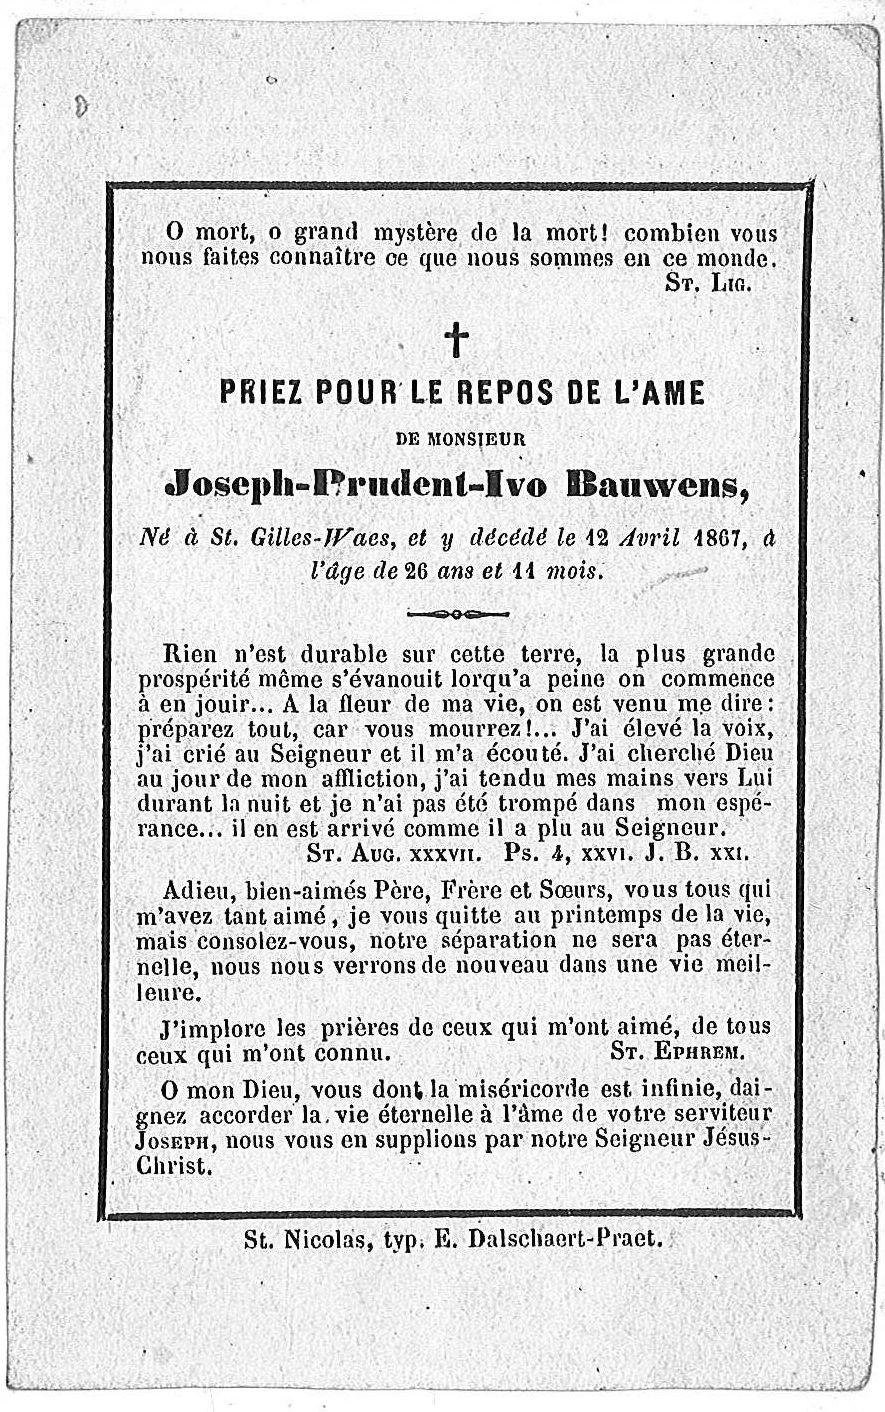 Joseph-Prudent-Ivo Bauwens